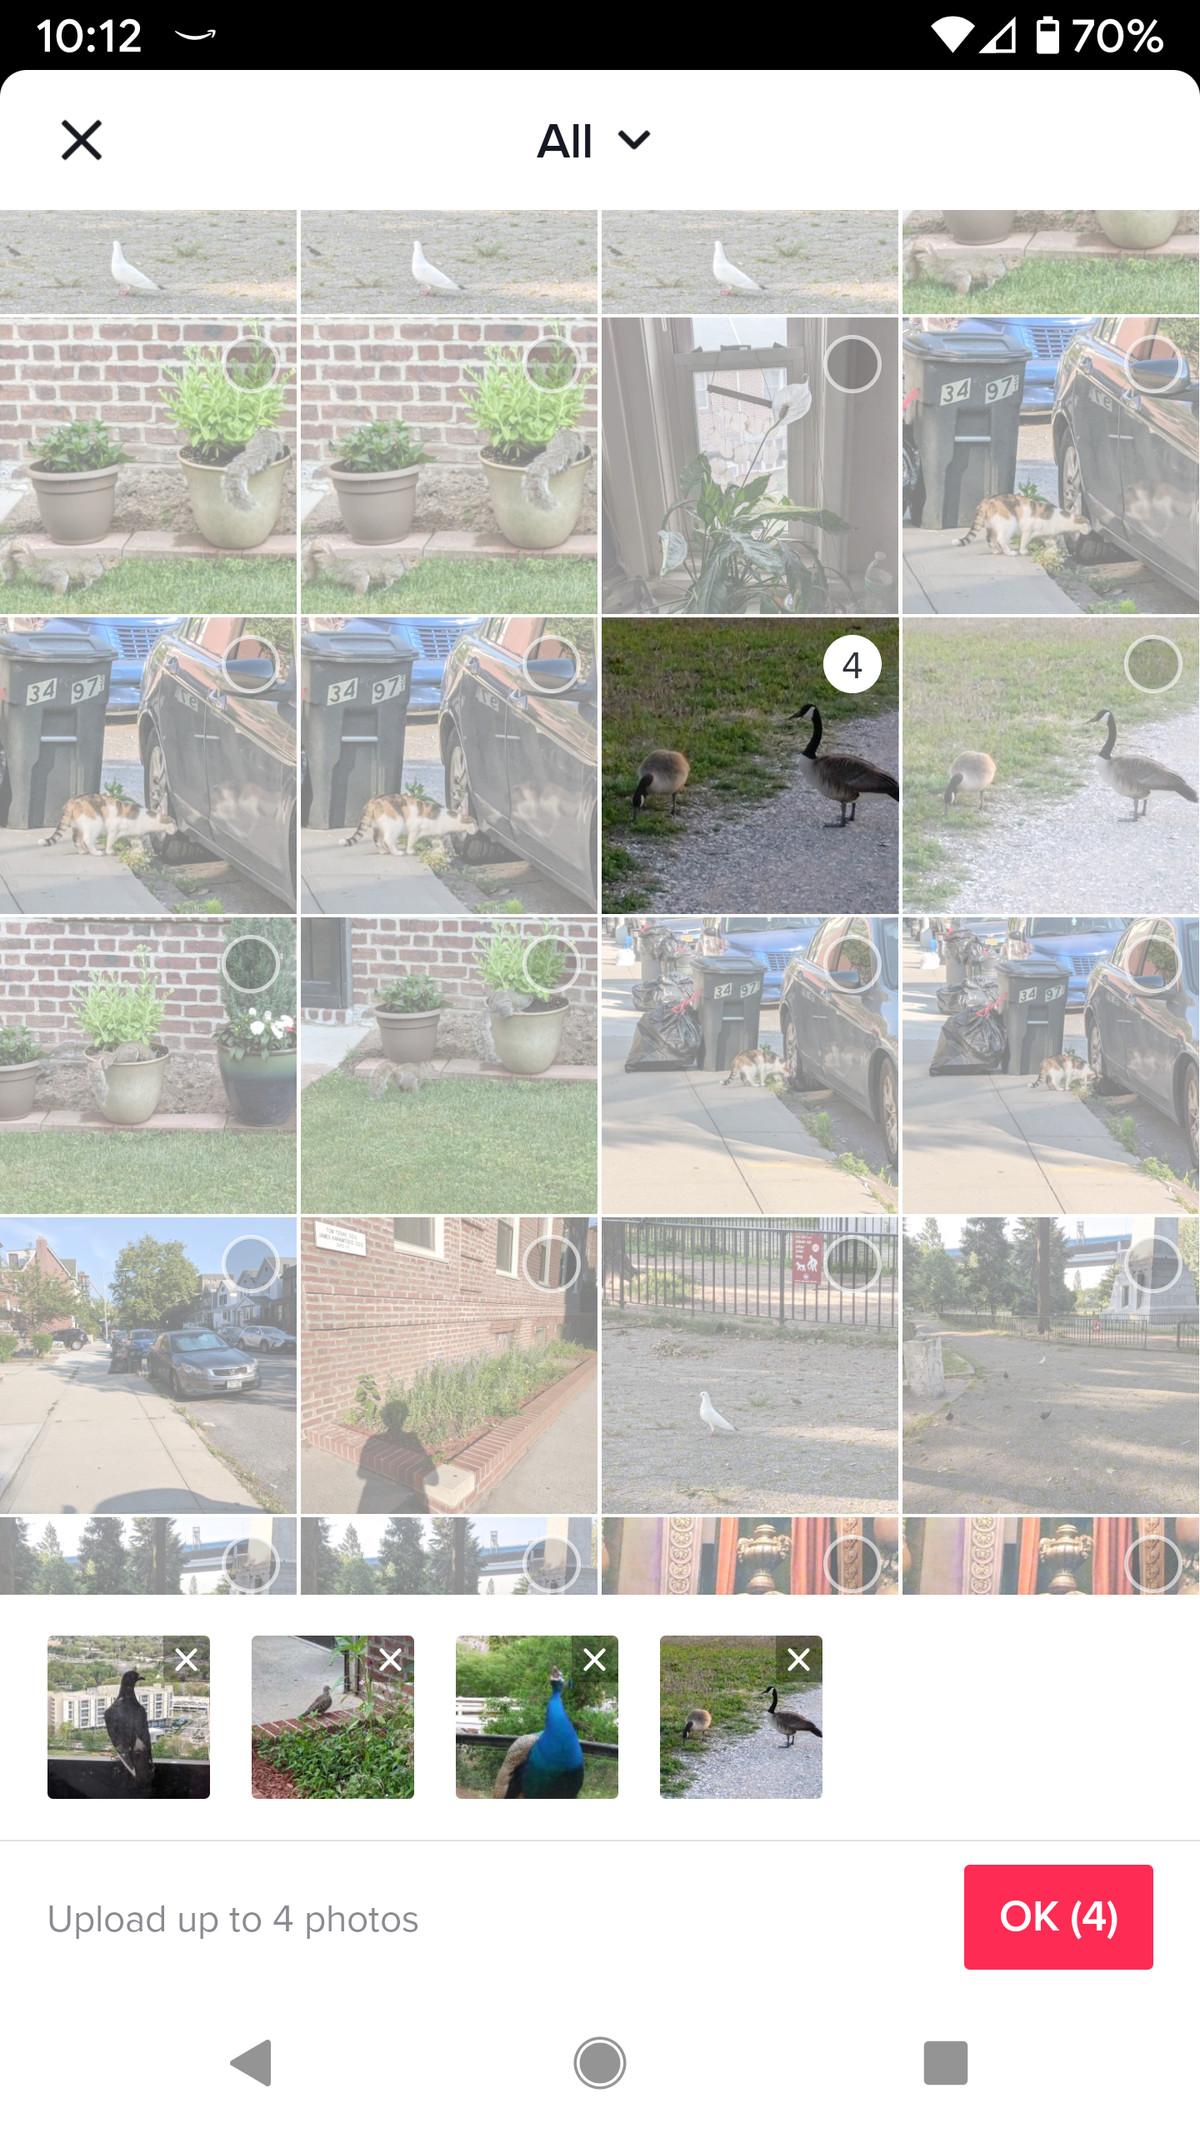 Wählen Sie die Fotos aus, die Sie einschließen möchten.